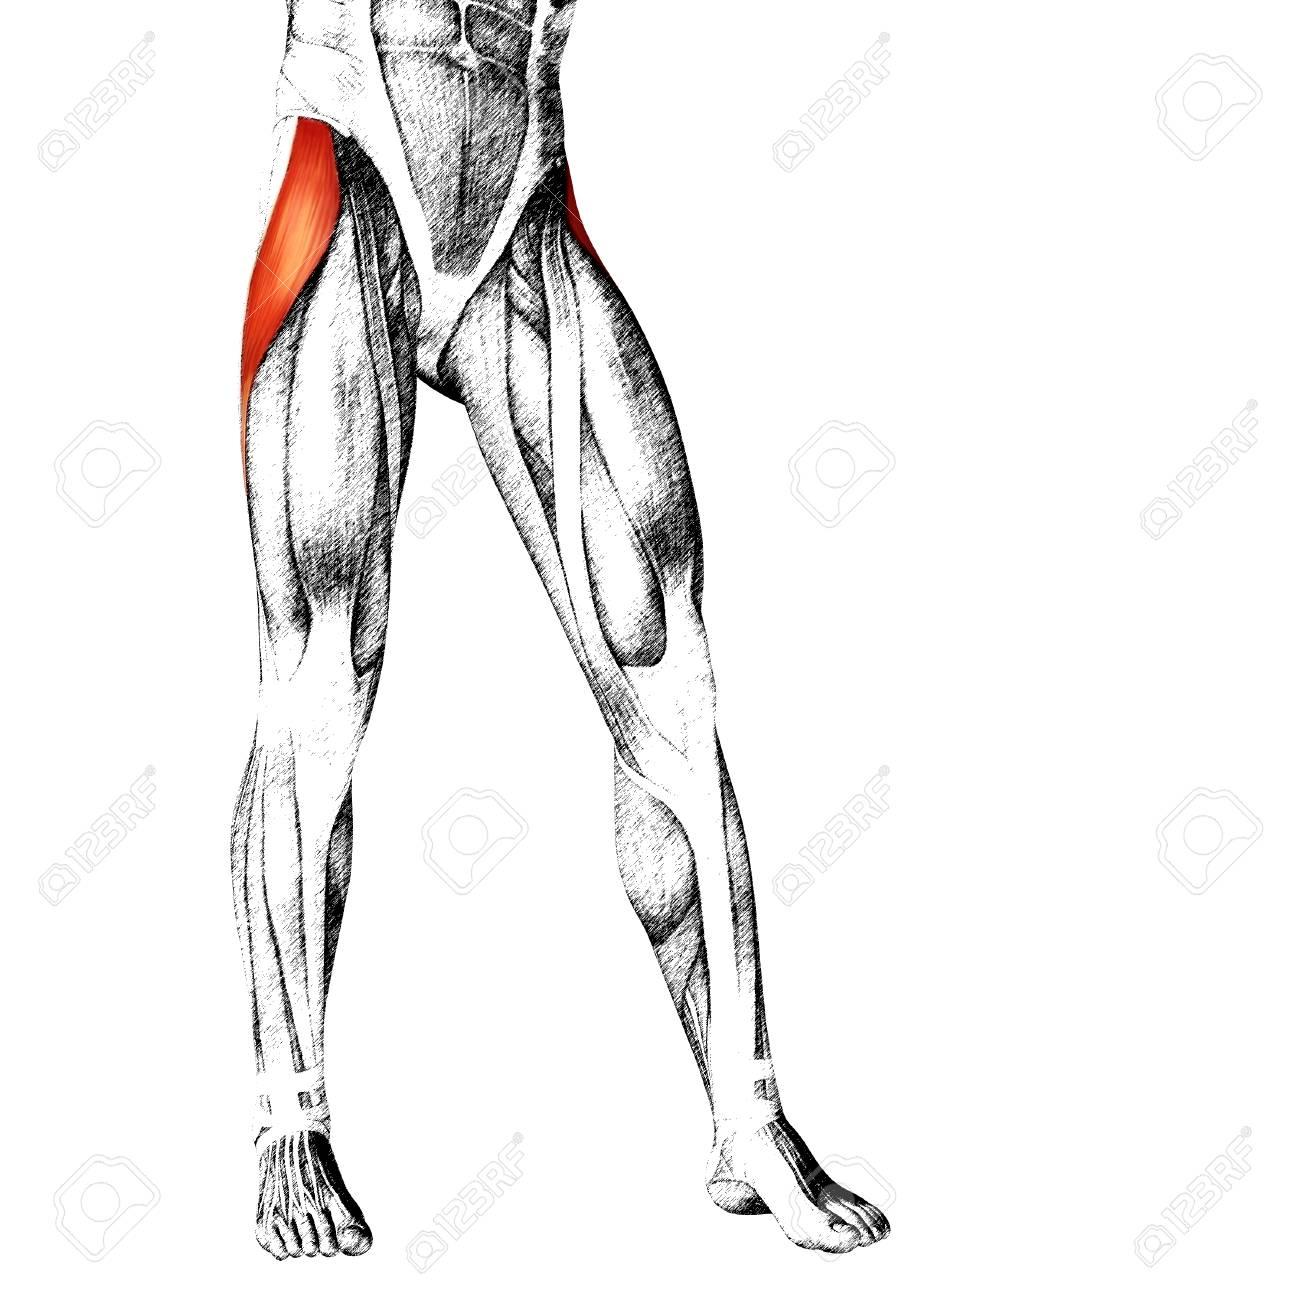 Excepcional Anatomía Pierna Superior Molde - Imágenes de Anatomía ...